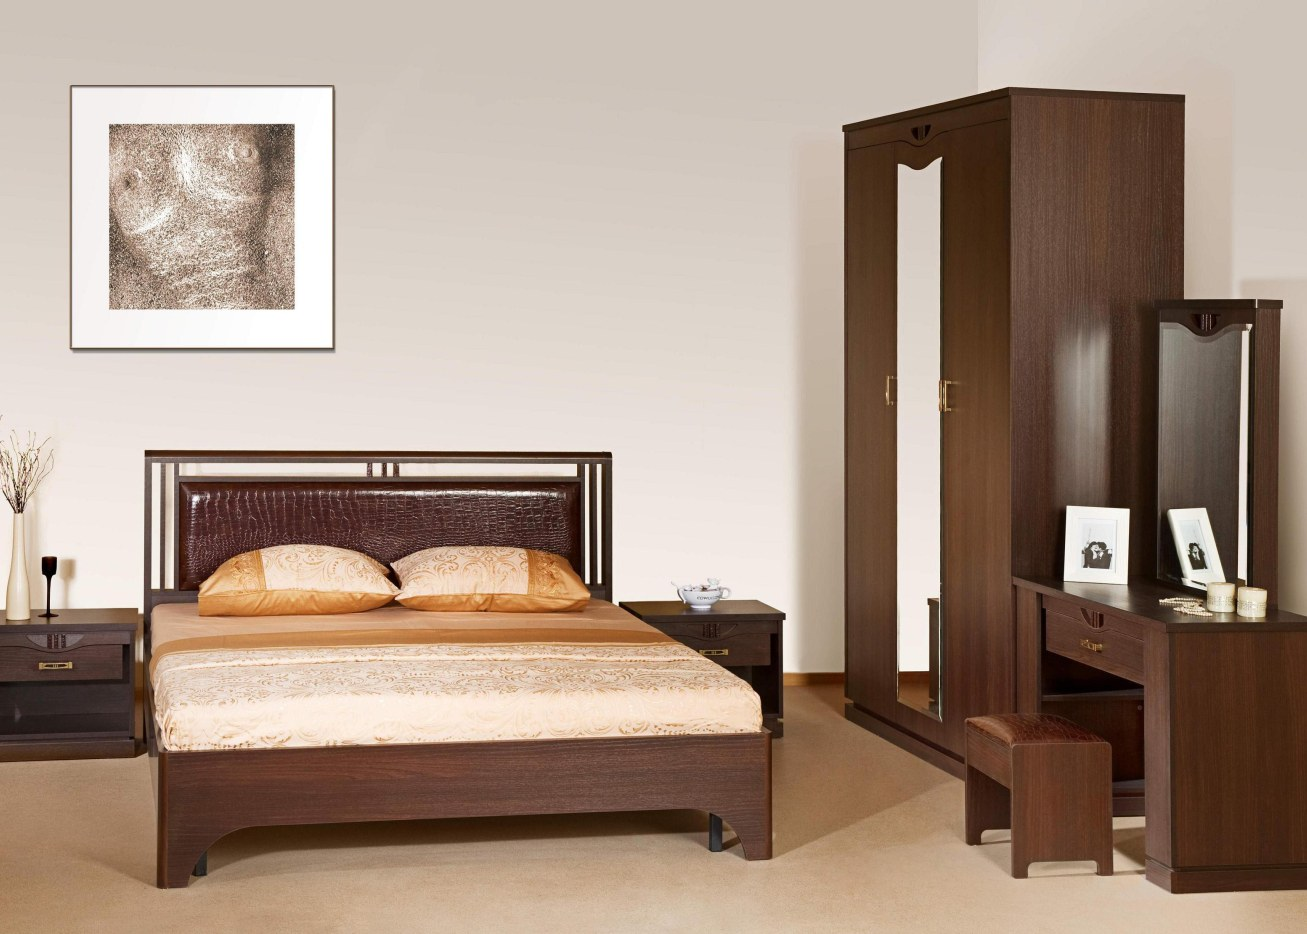 Деревянная глянцевая спальня